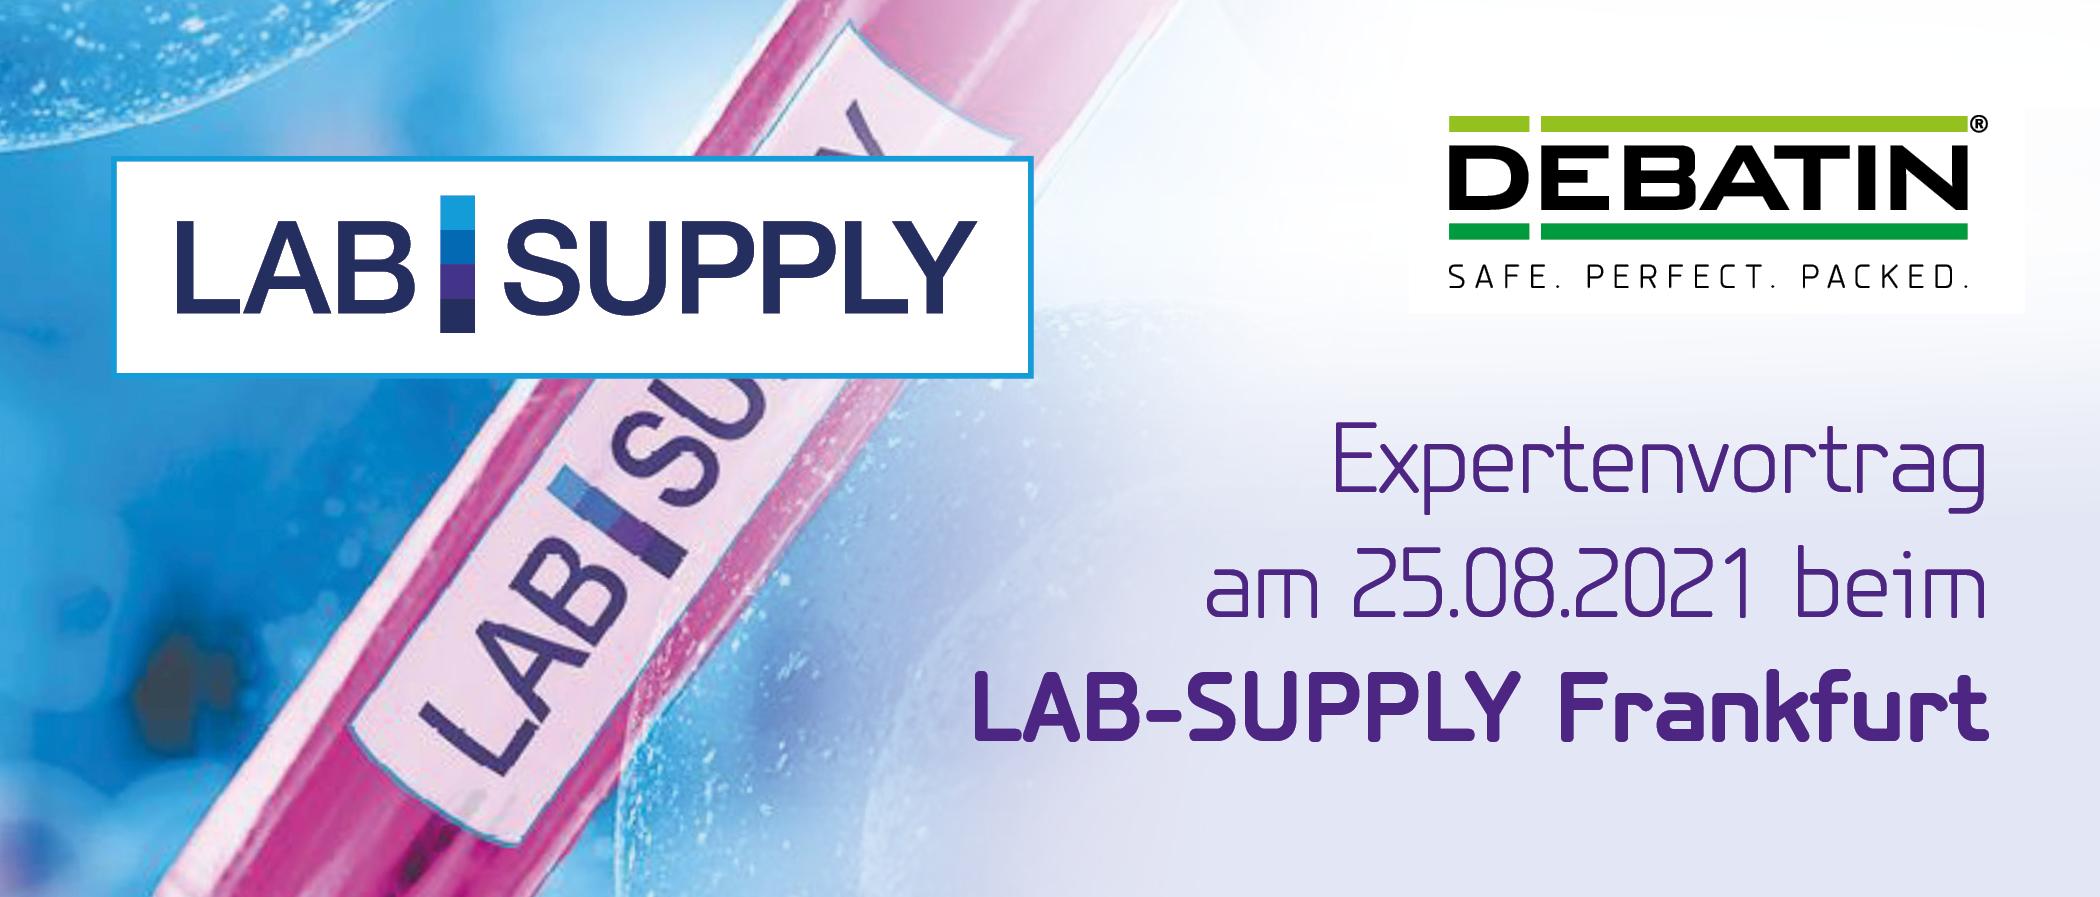 DEBATIN LabSupply Frankfurt